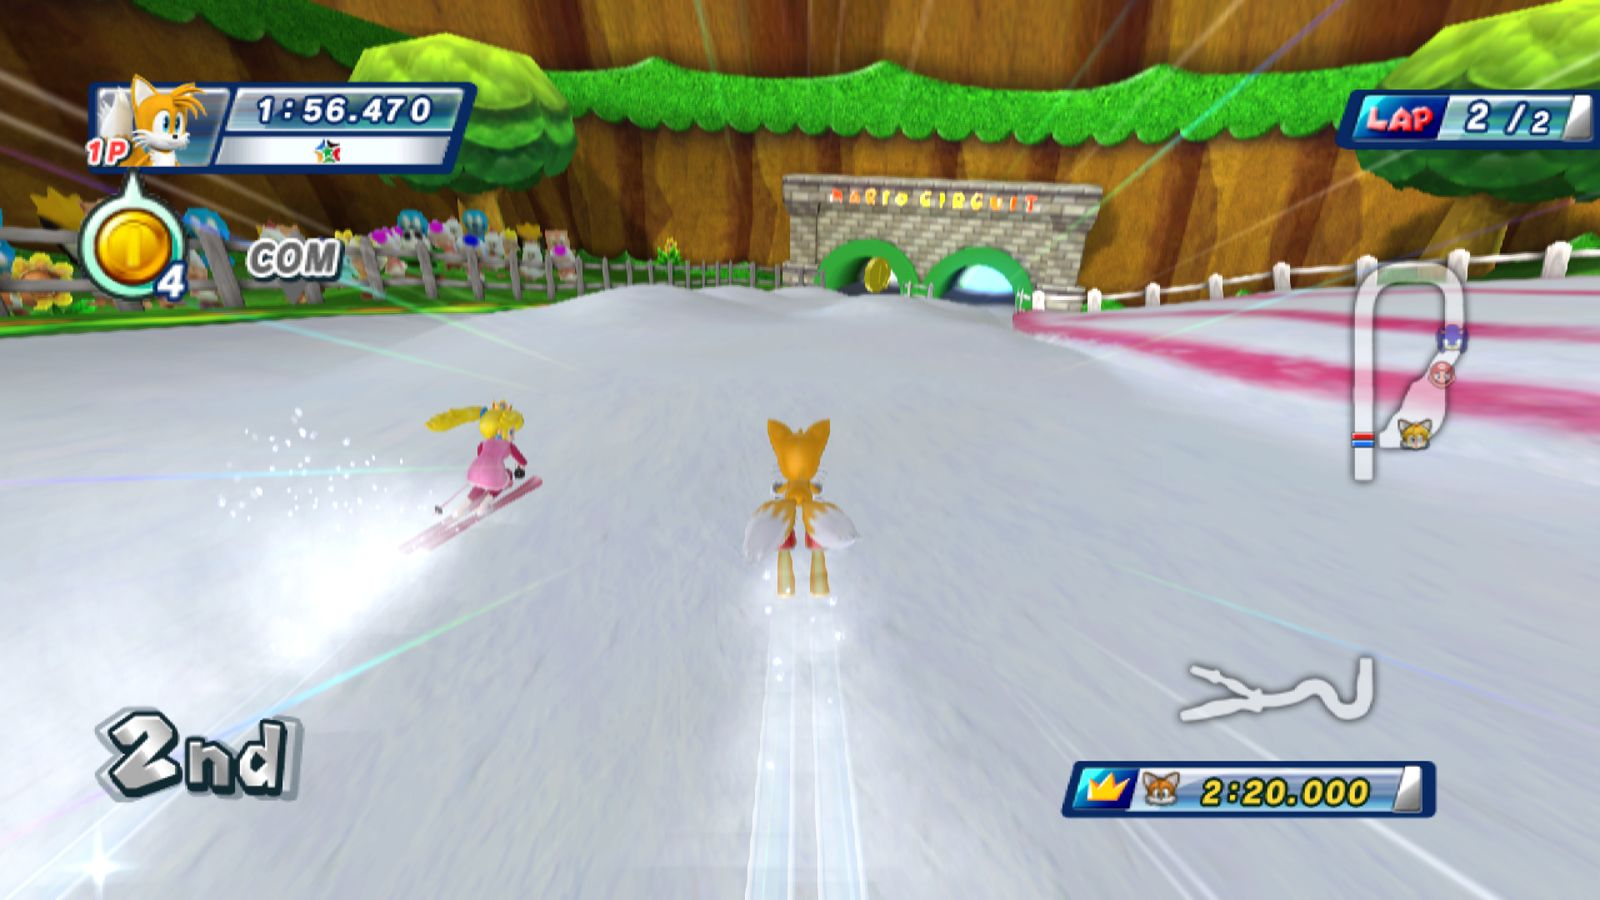 MarioSonicJOhiver Wii Edit051